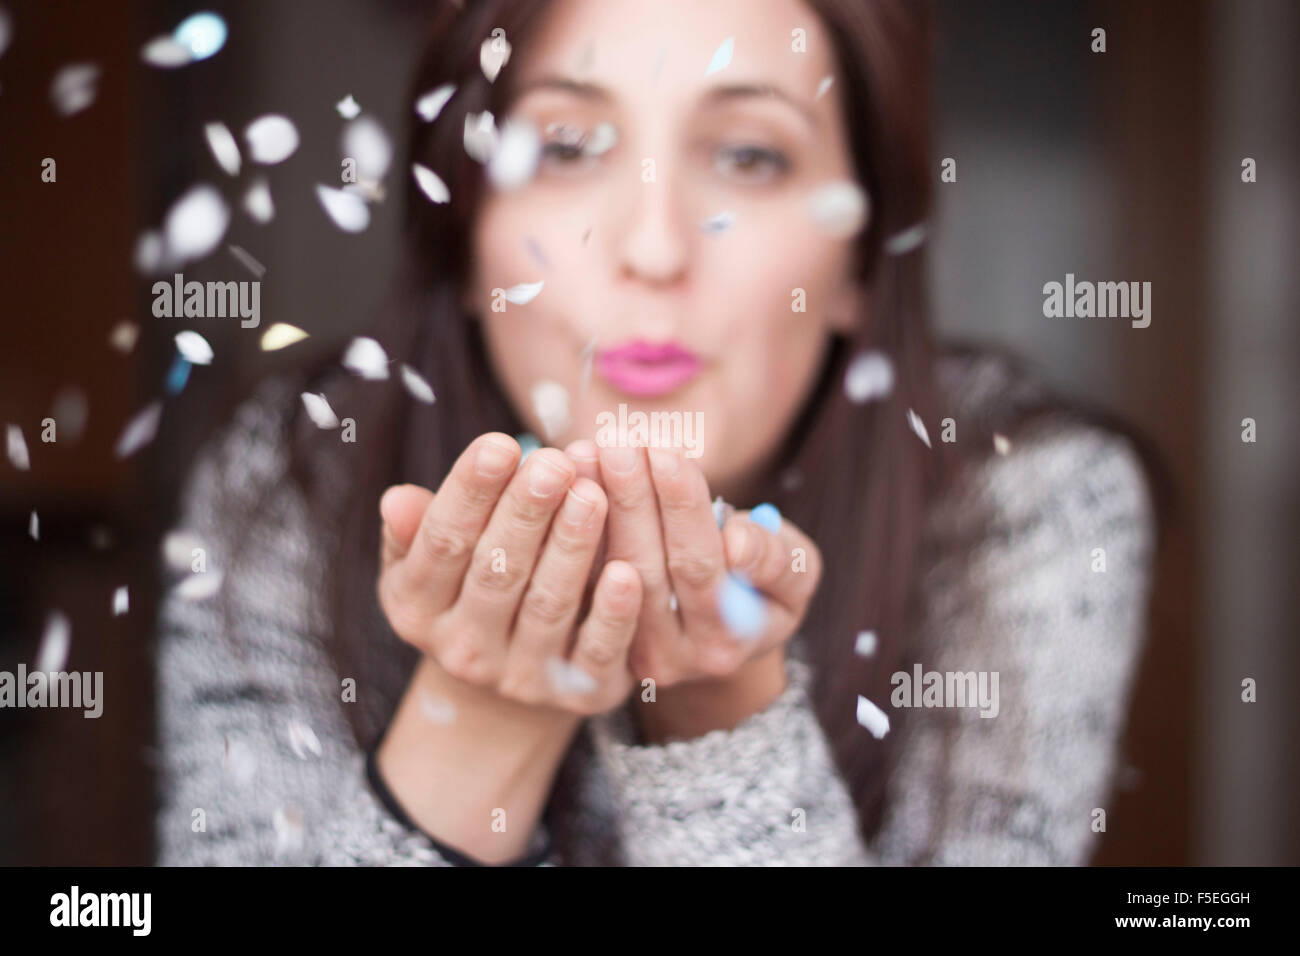 Mujer soplando confeti en sus manos Imagen De Stock